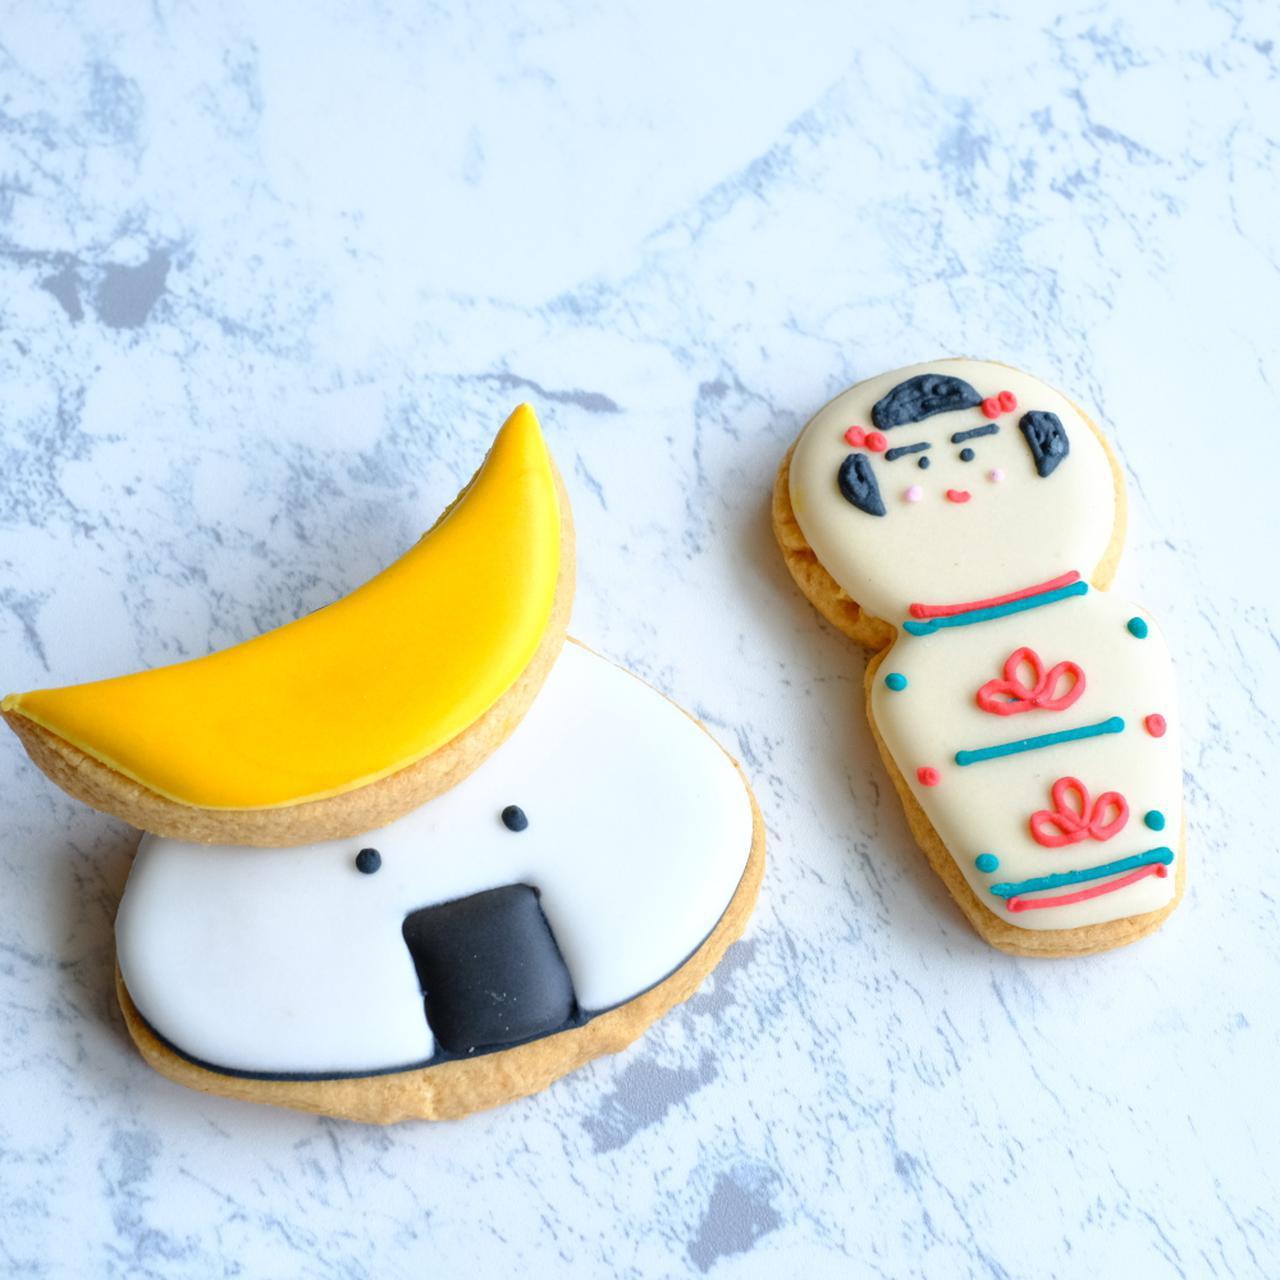 画像: アイシングクッキーもとっても可愛く、色や形、完成度も高くて満足。気の利いたお土産になりました。